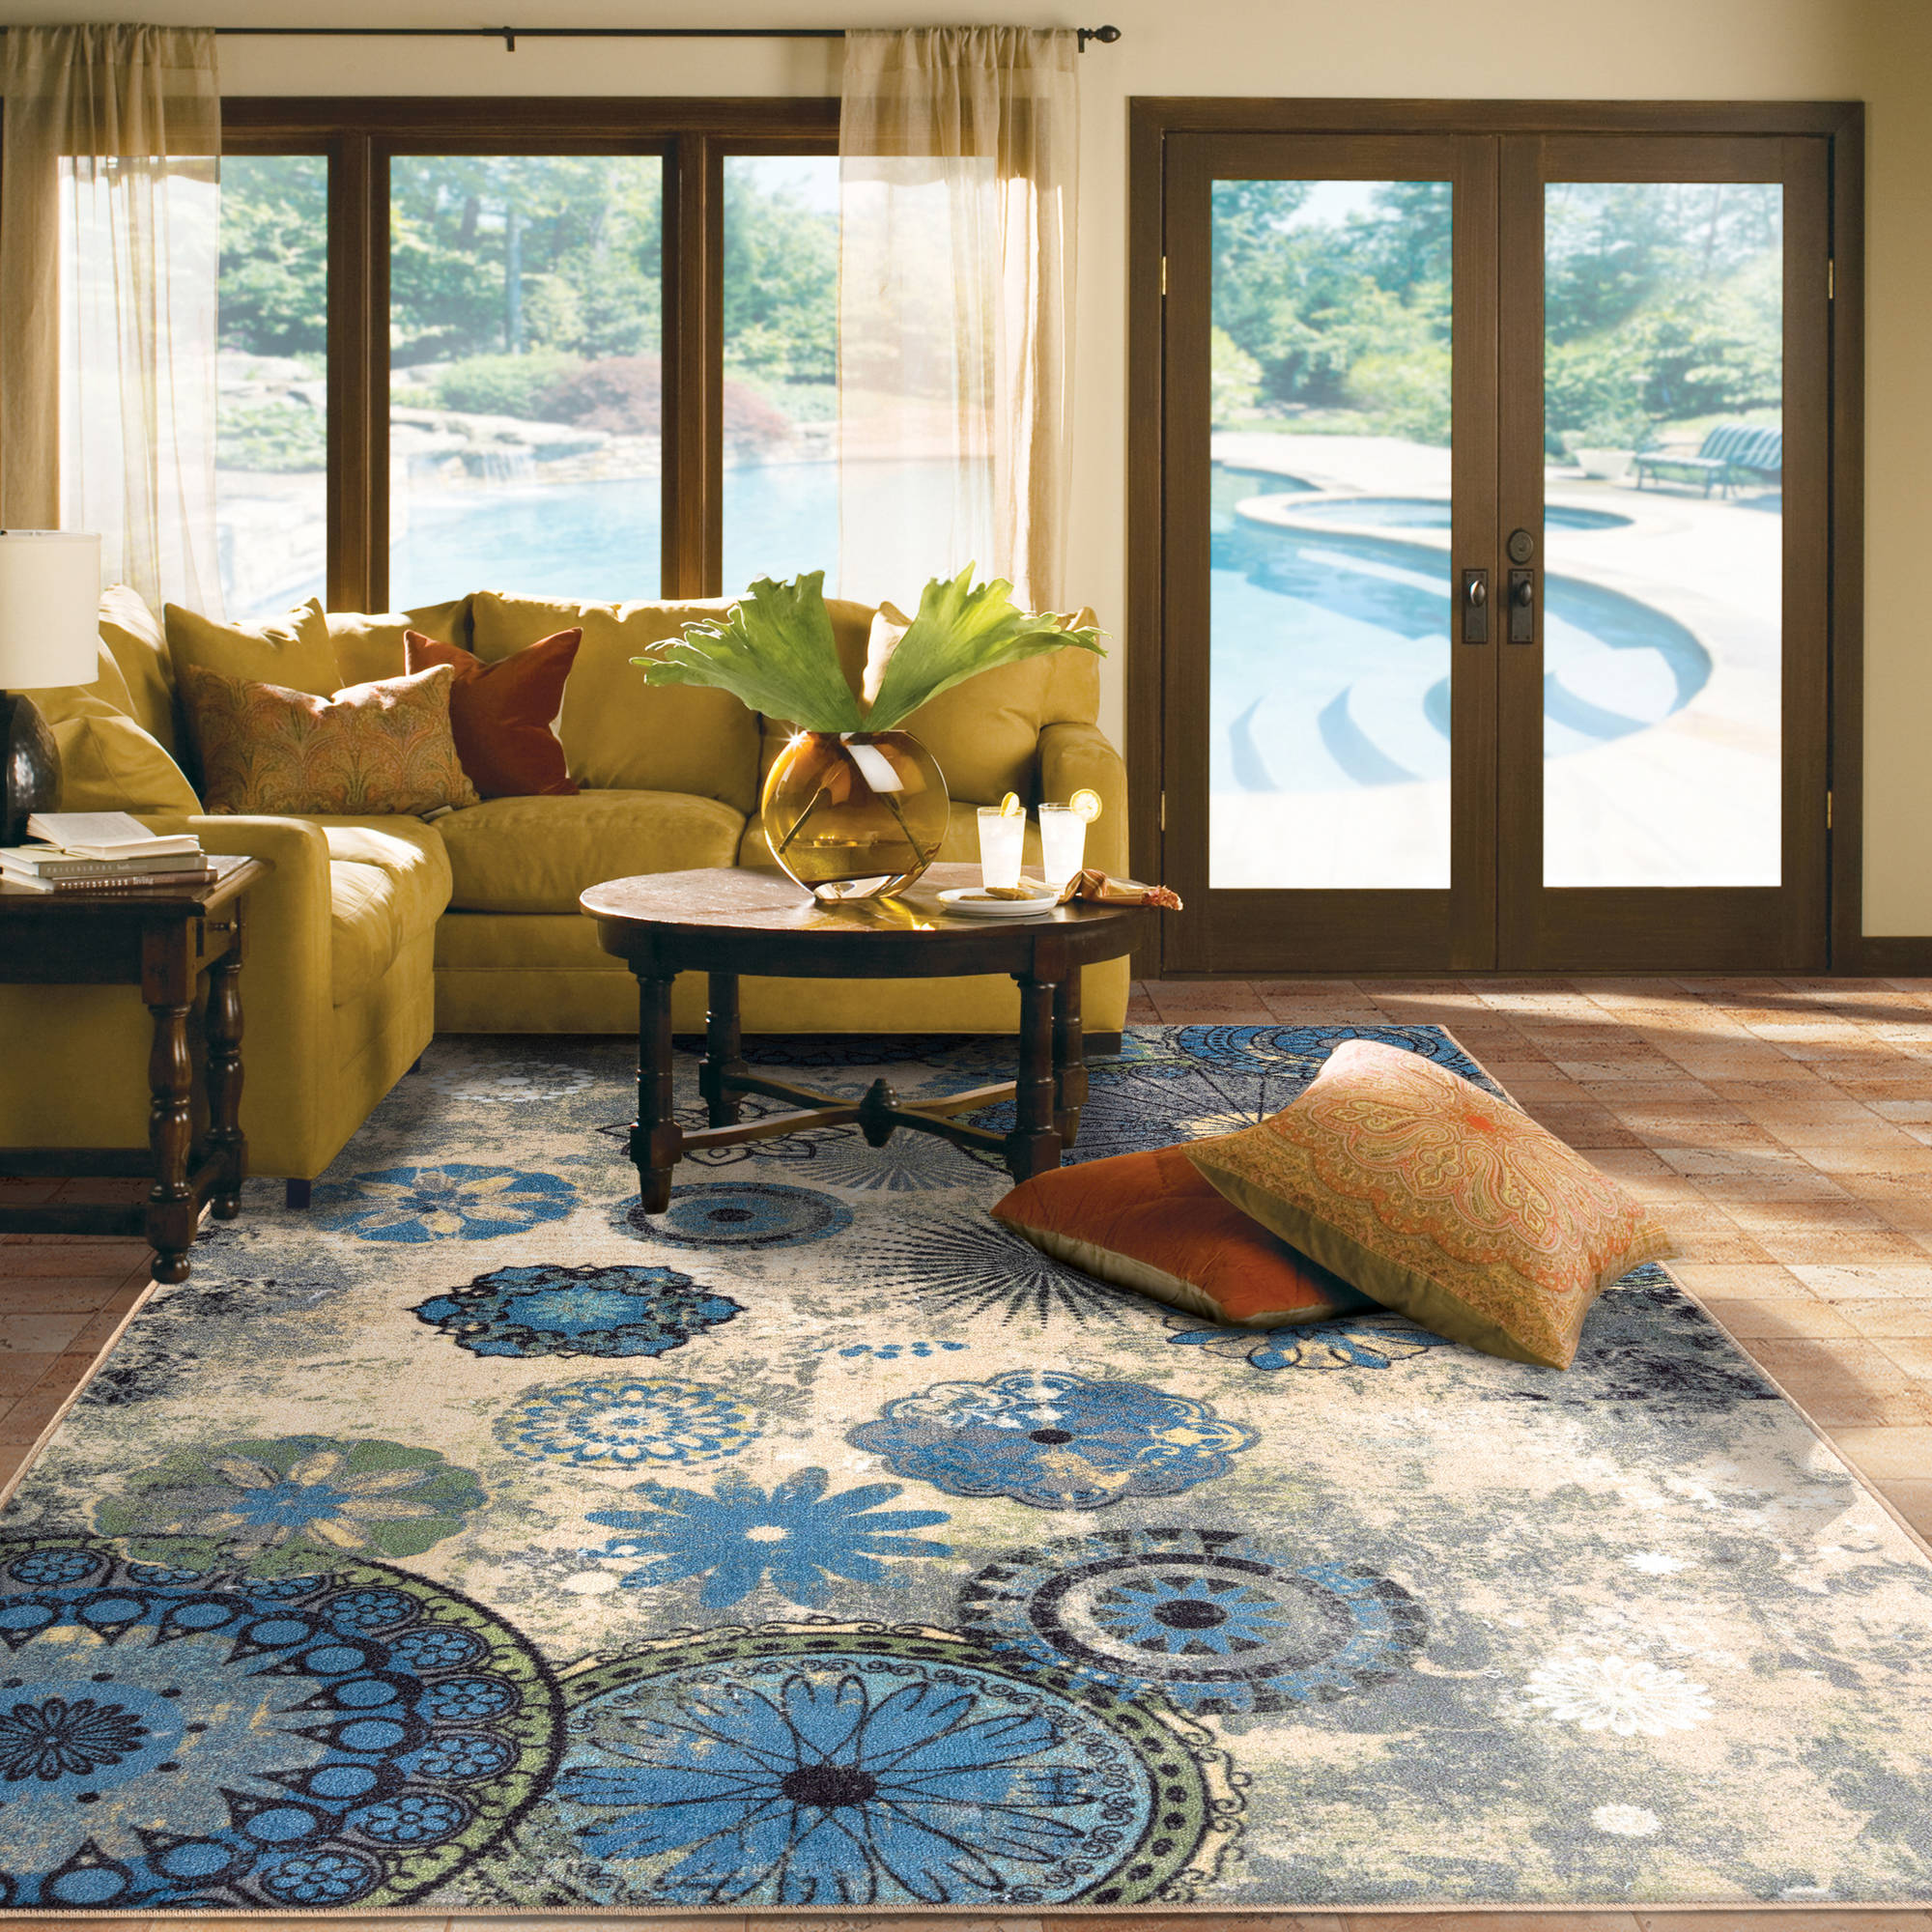 Area Rug Carpet For Home Living Room Office Family Decor 5x7 Blue Medallion